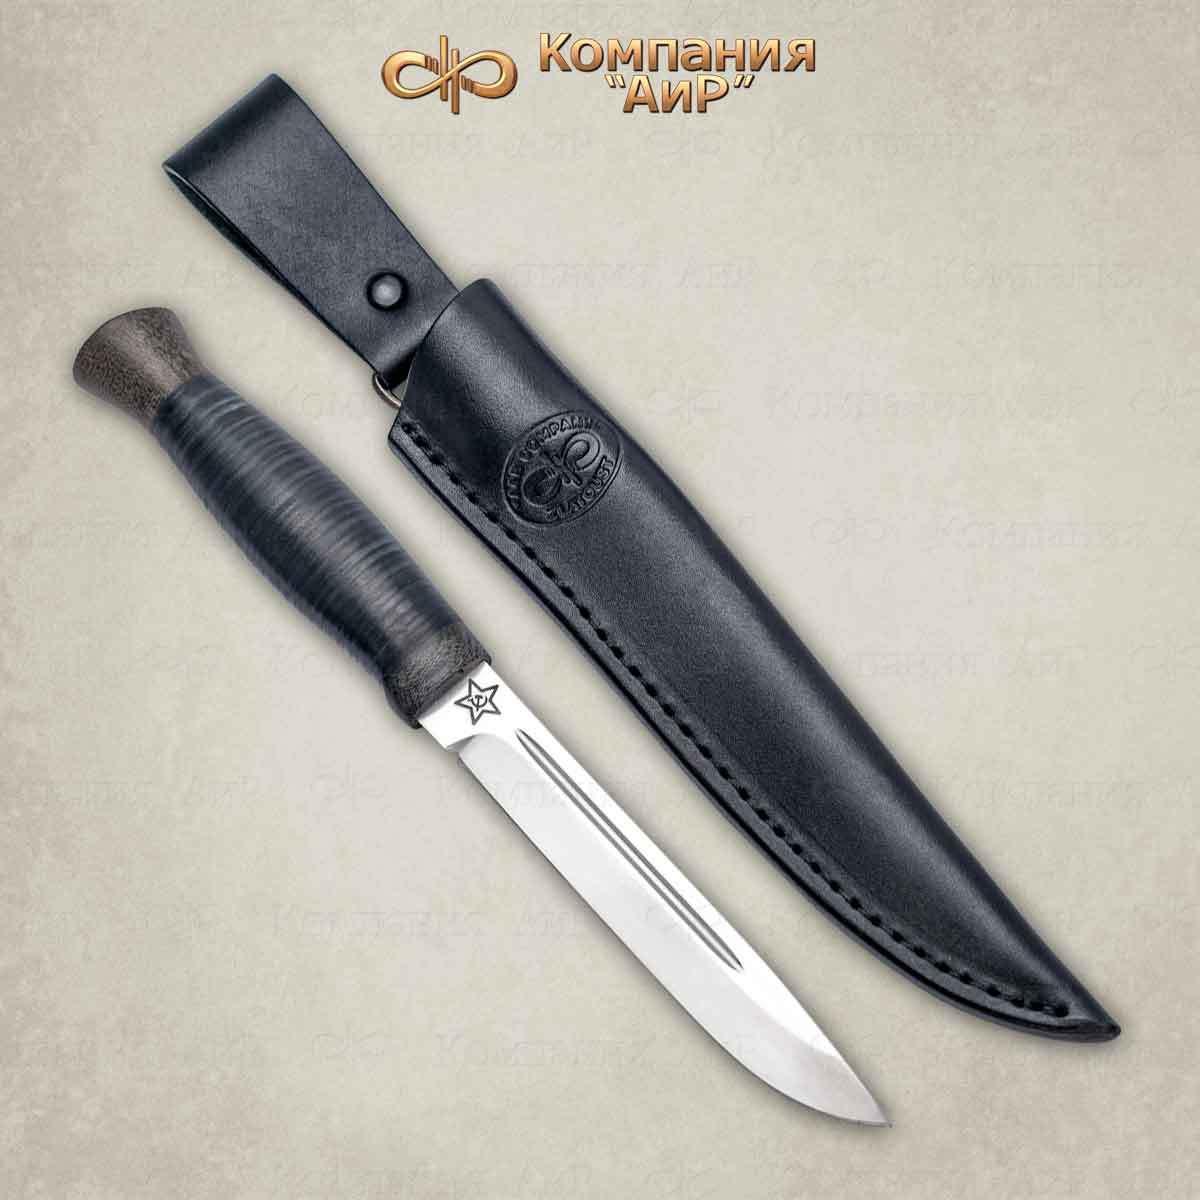 Нож разделочный Финка-3 кожа, 100х13м, АиР